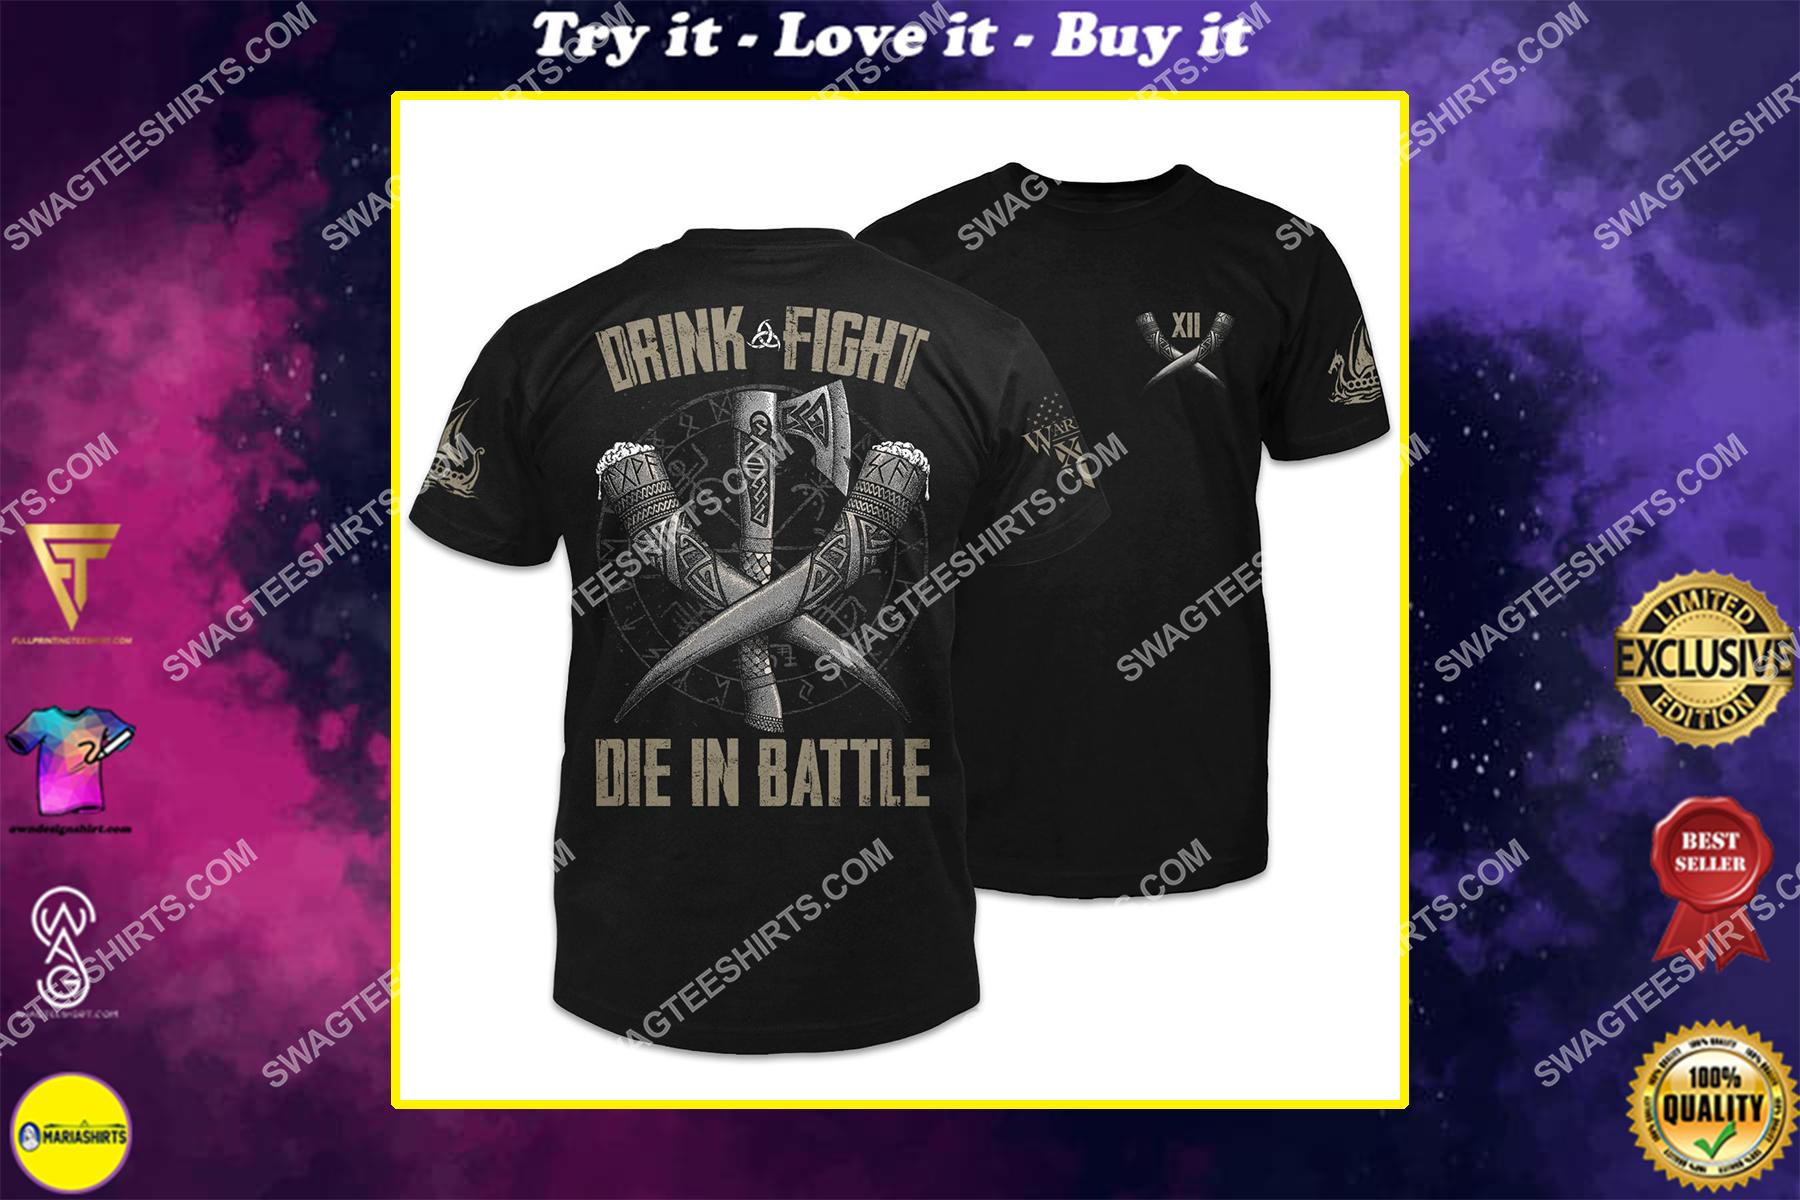 drink fight die in battle viking symbols shirt